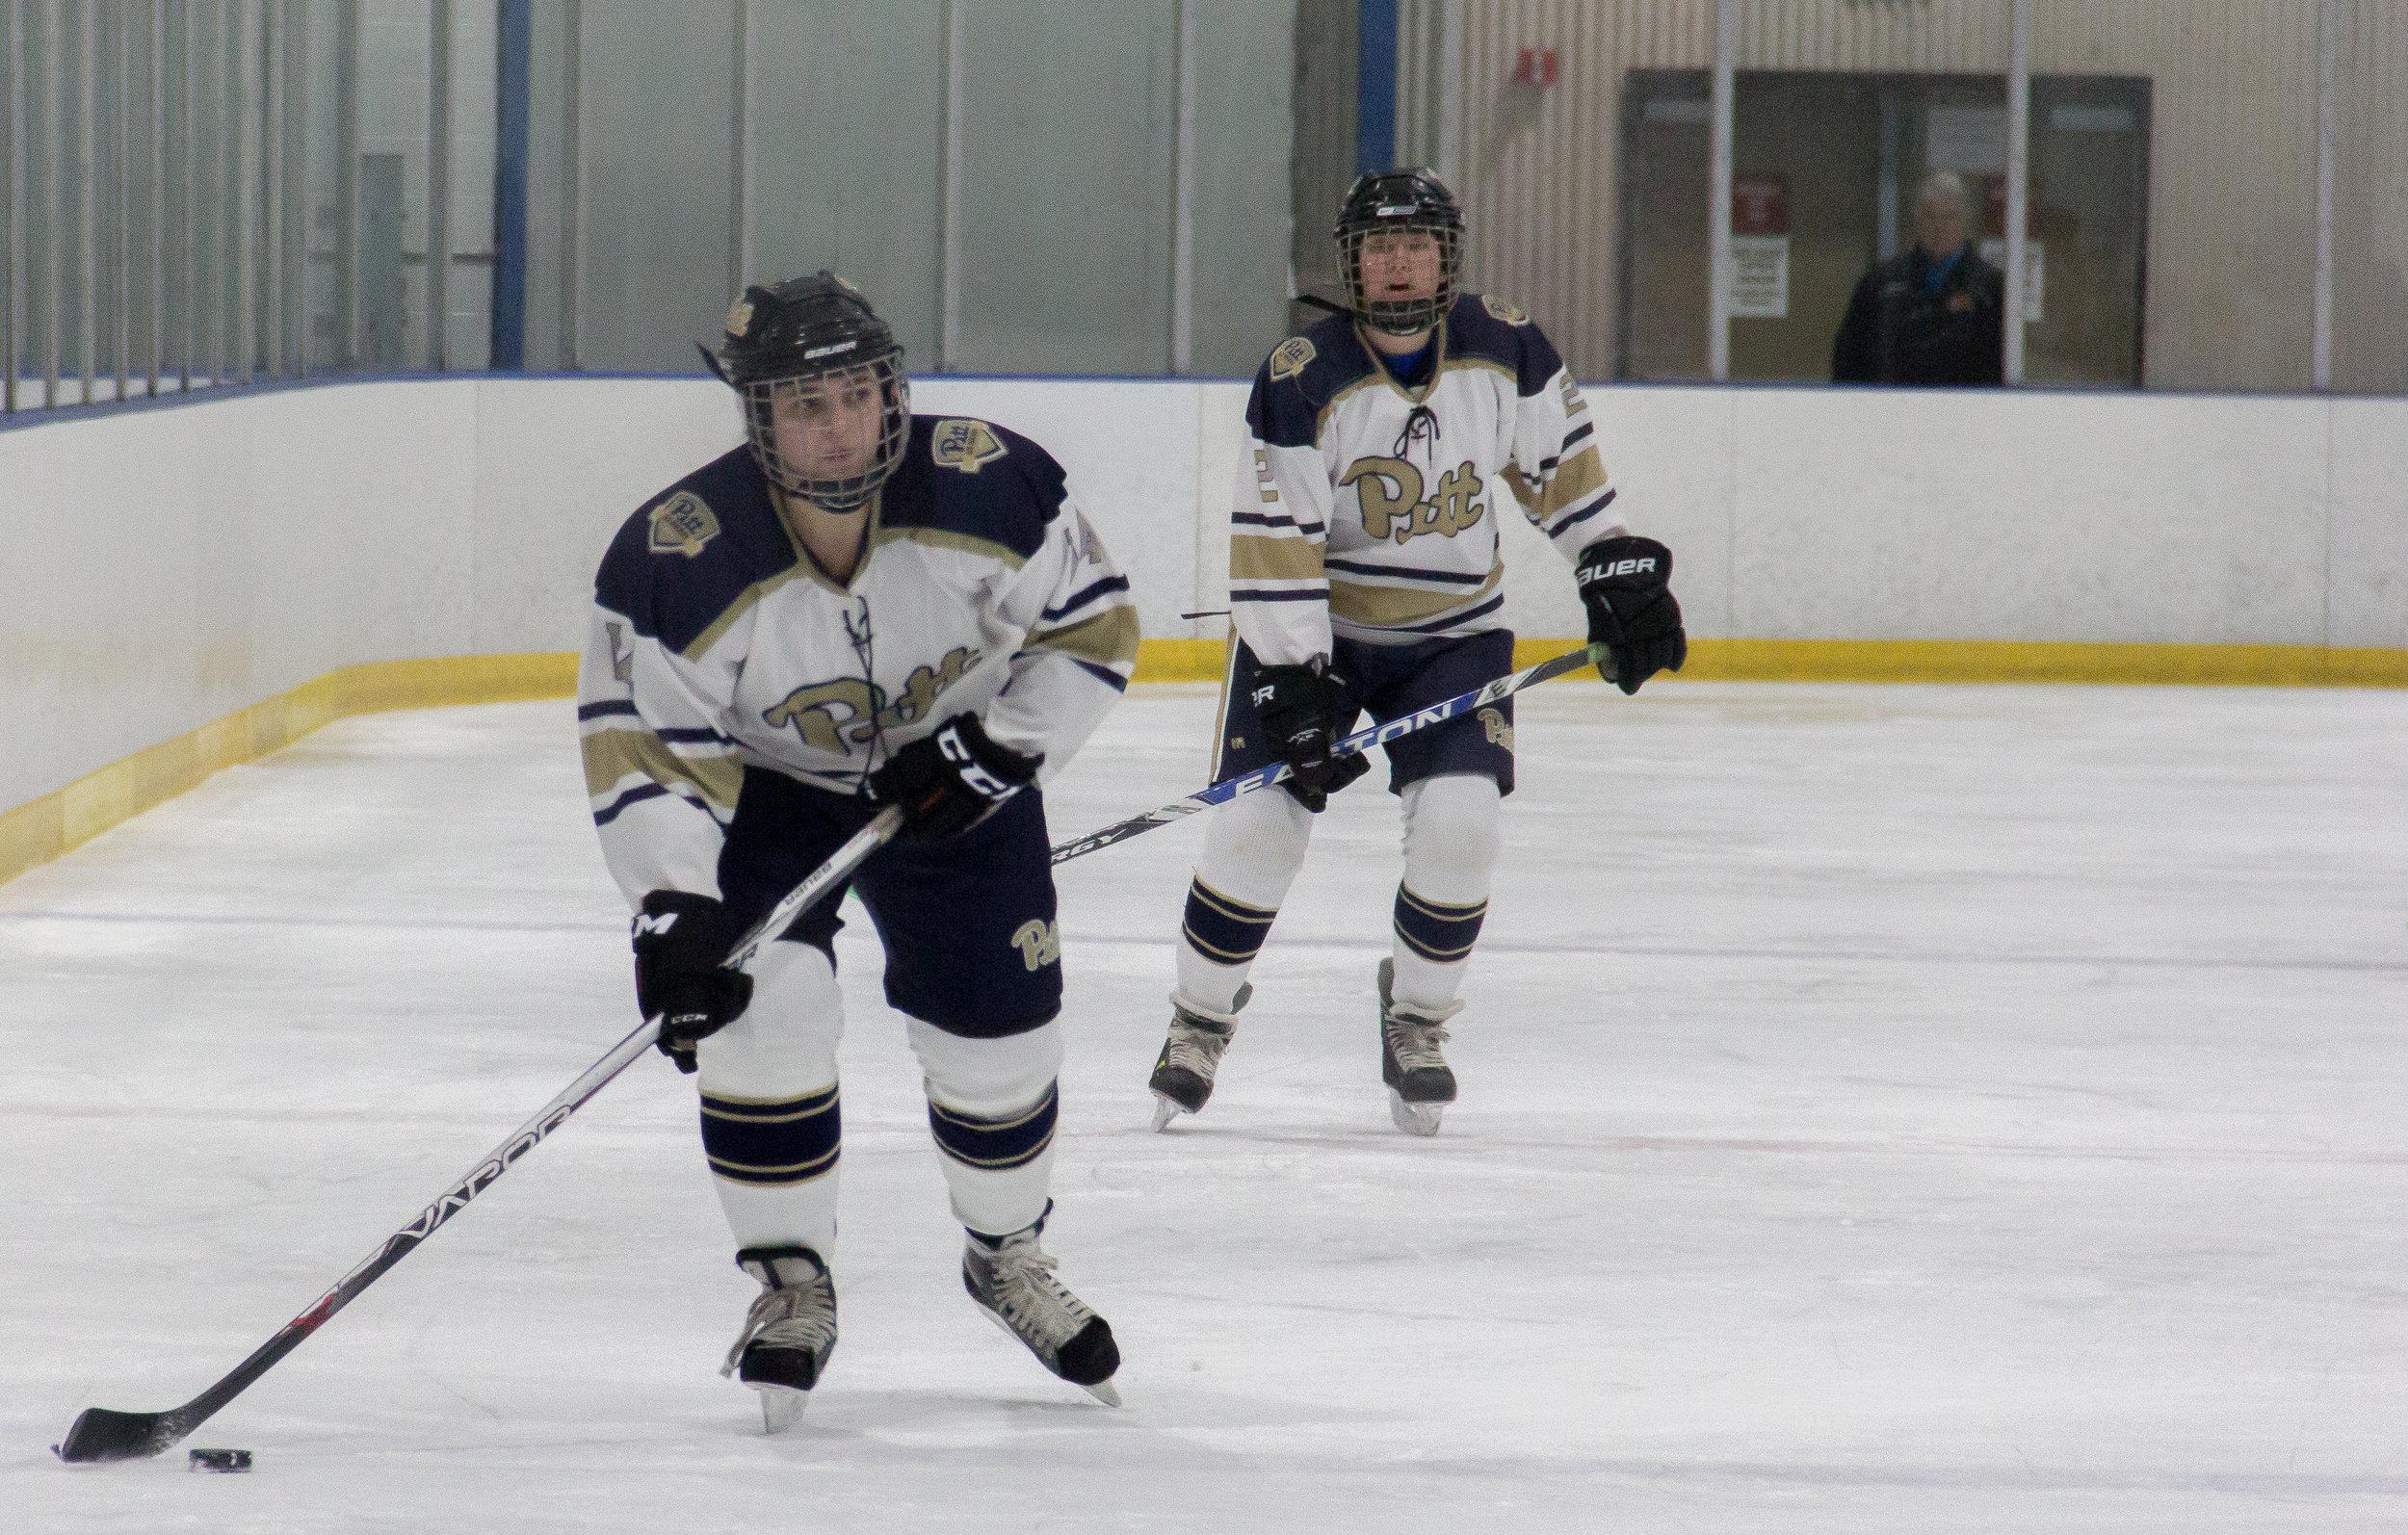 PittHockey-56.jpg